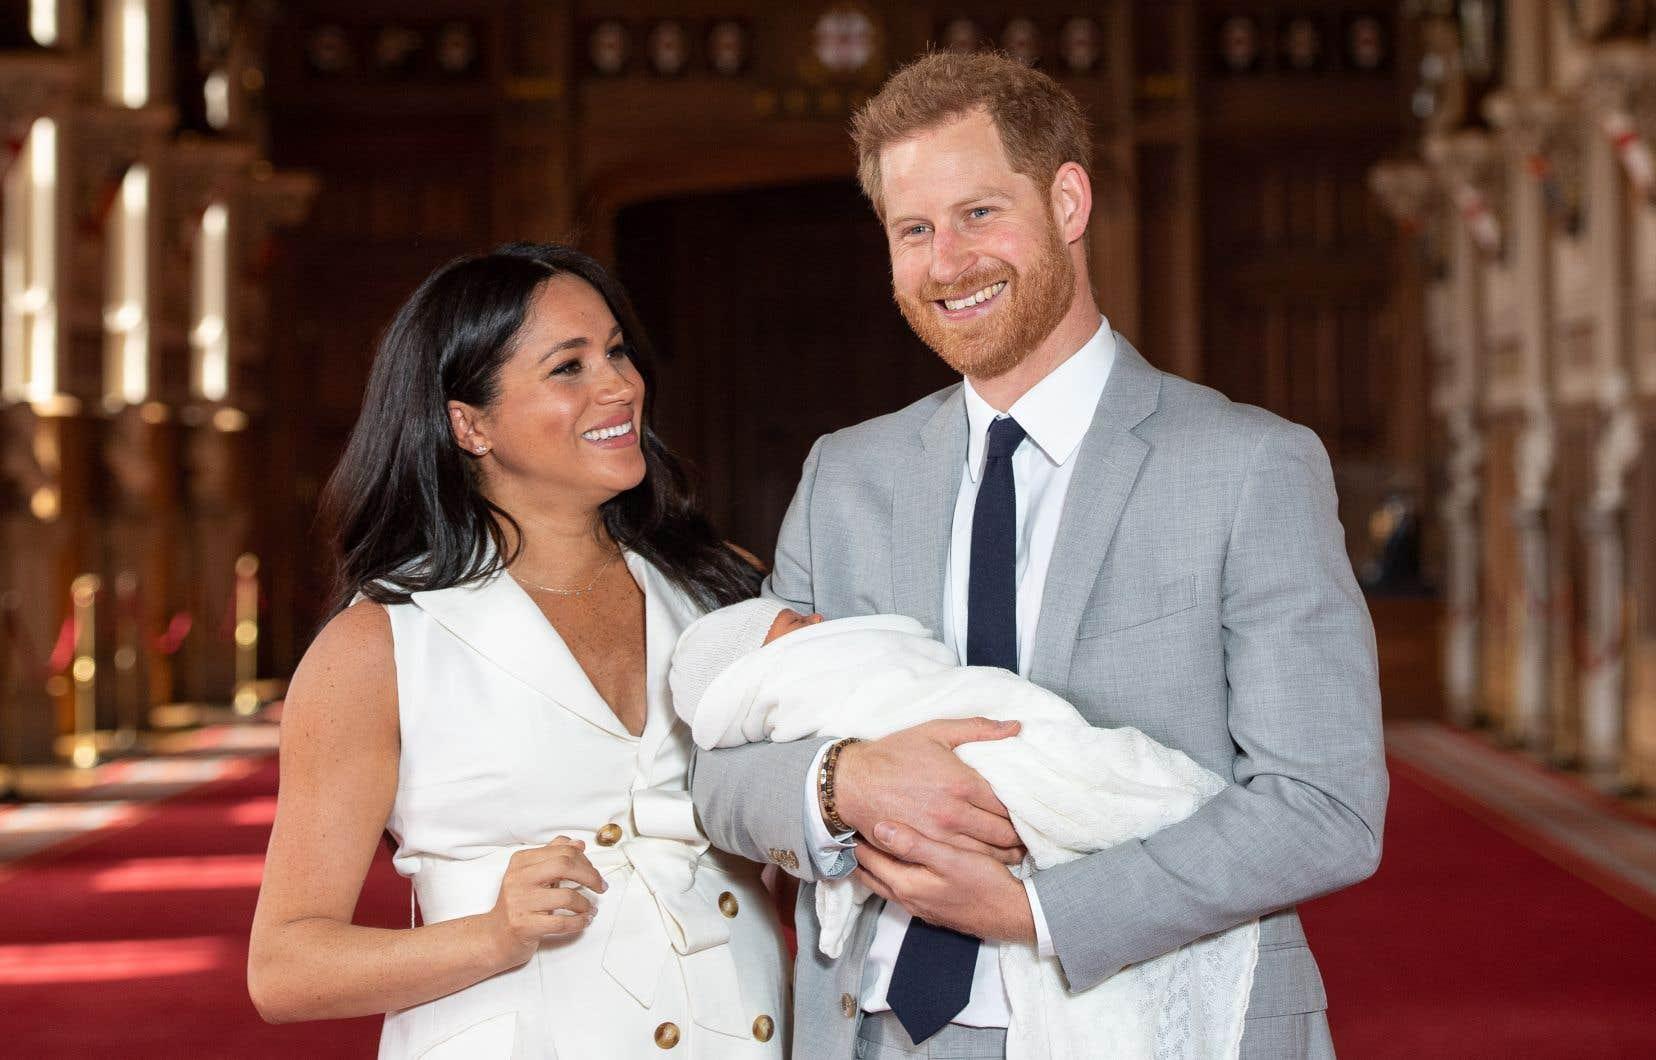 Le prince Harry et son épouse Meghan ont présenté mercredi leur fils au public et à la reine.